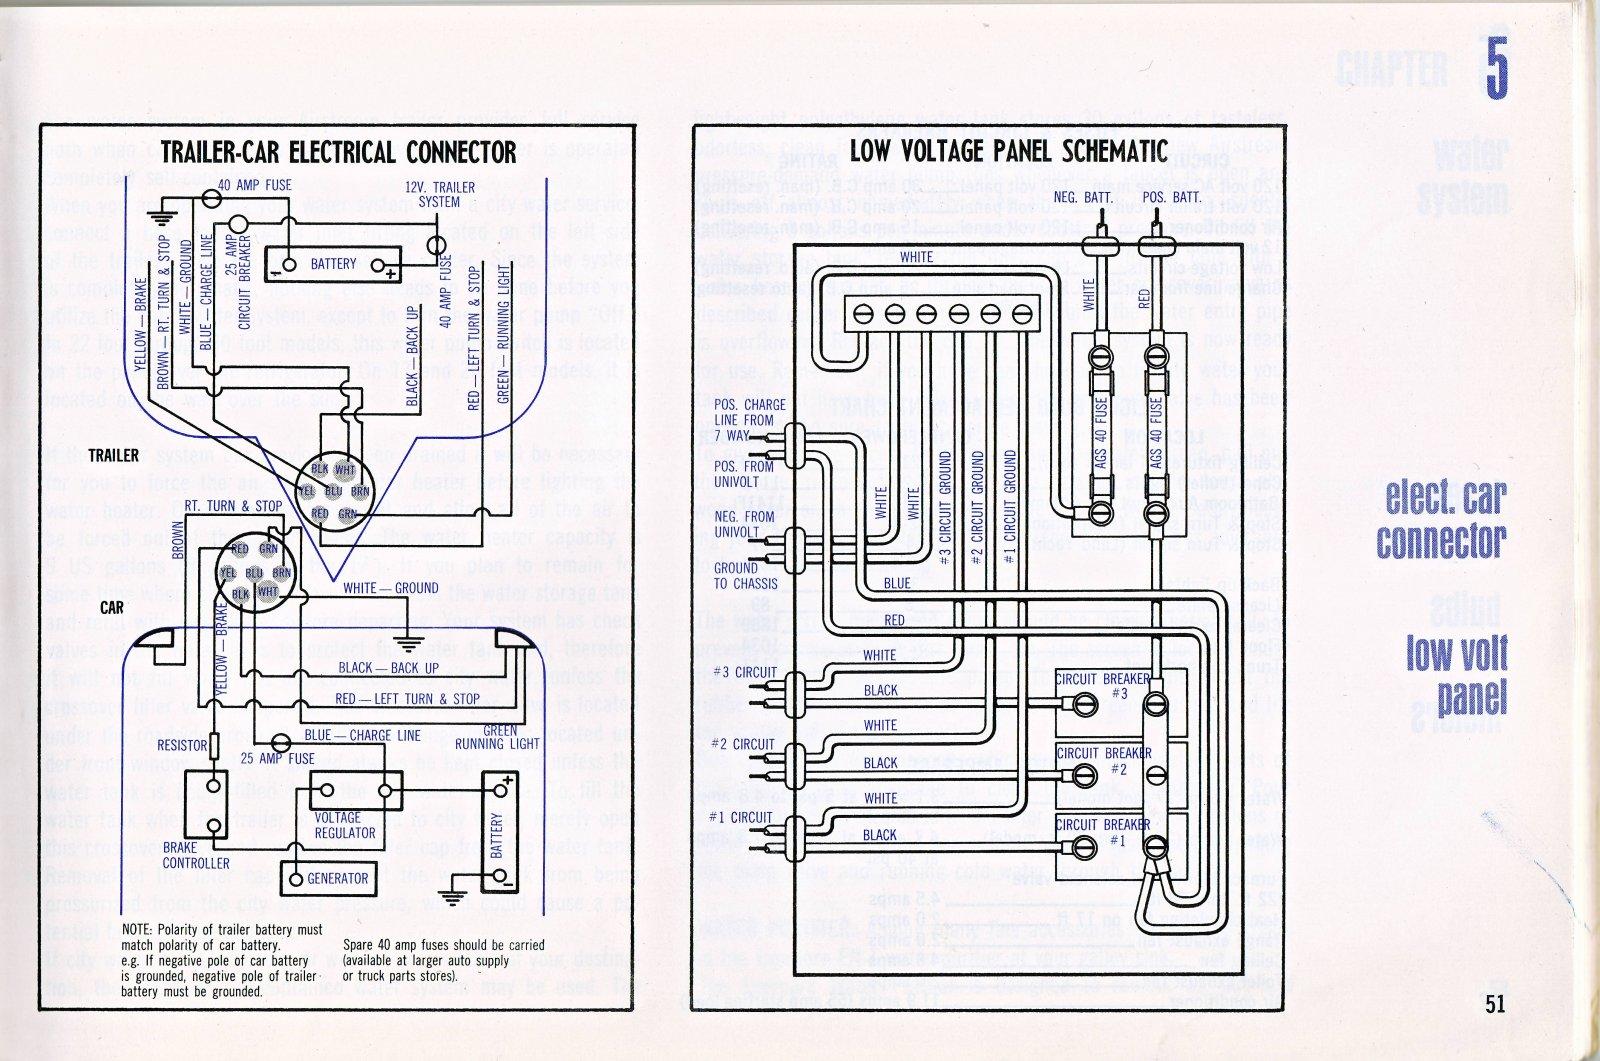 Prowler Rv Wiring Diagram : Komfort trailer wiring diagram images